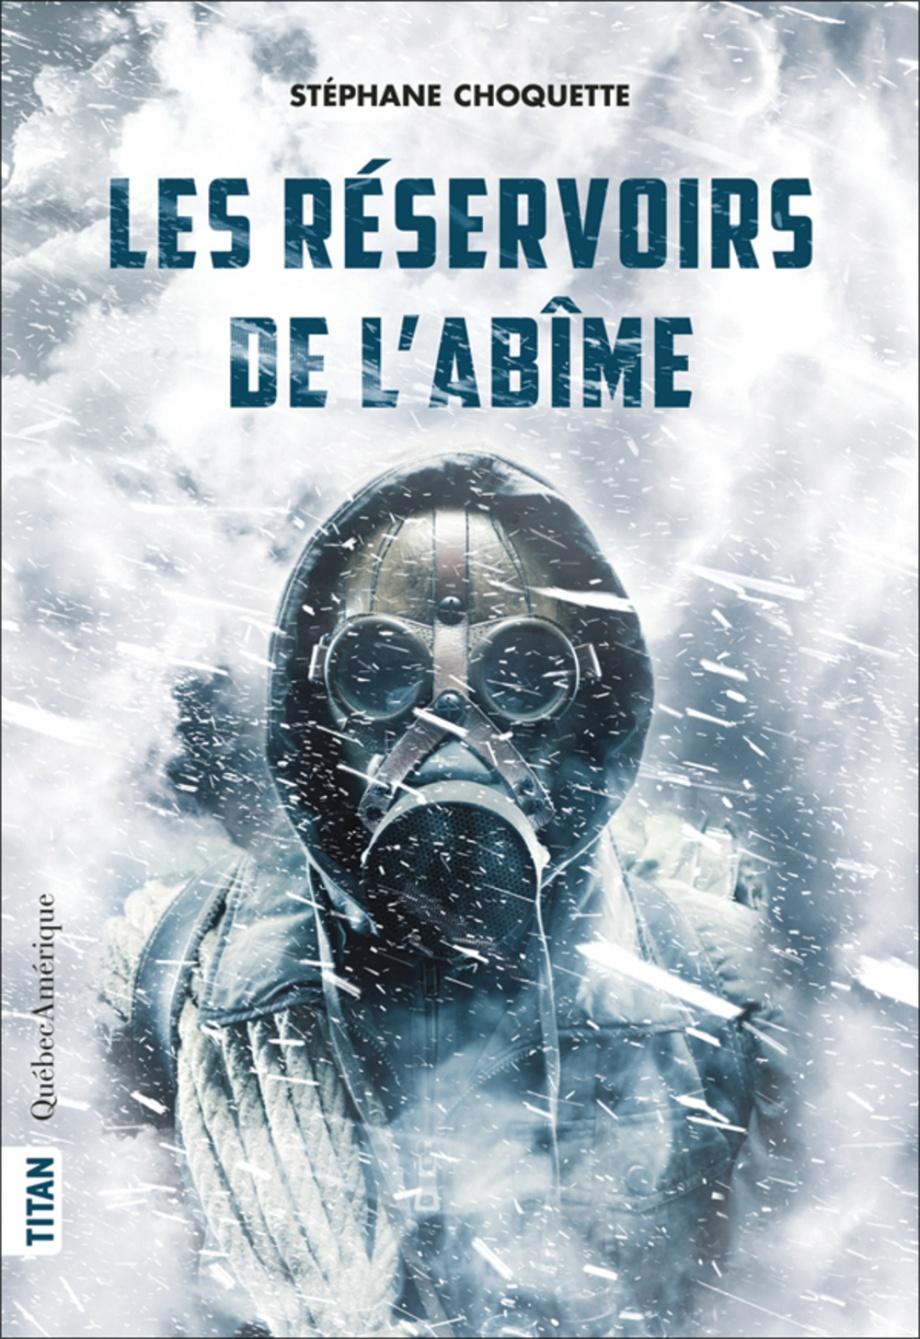 Les réservoirs de l'abîme de Stéphane Choquette